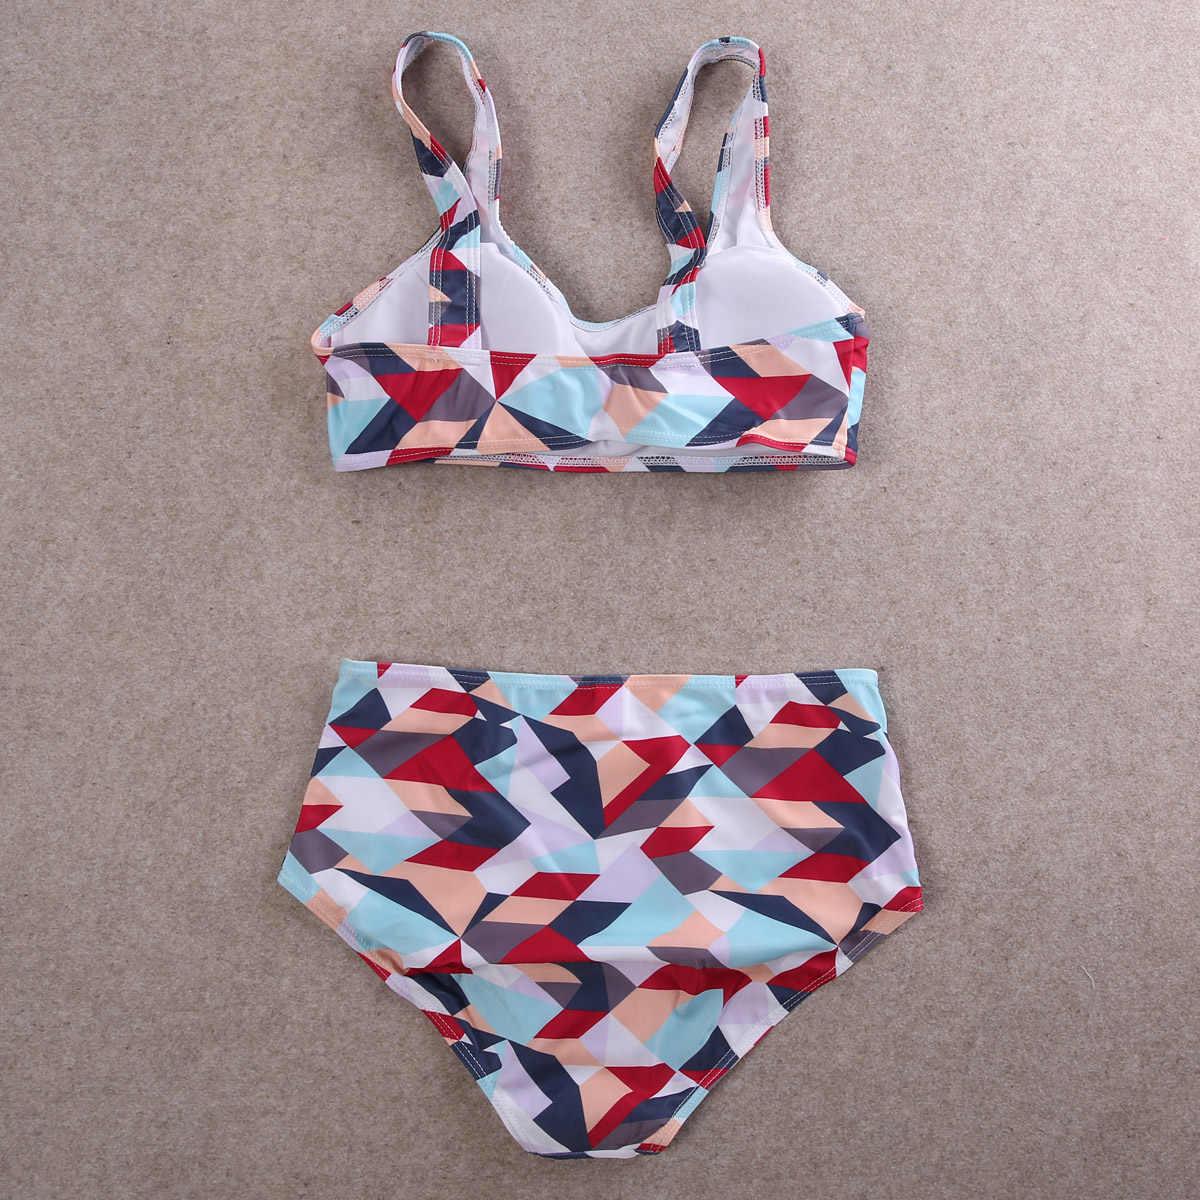 女性 2016 プリントハイウエストビキニ花水着女性ブラジルプッシュアップビキニセット水着プラスサイズの水着 XXL